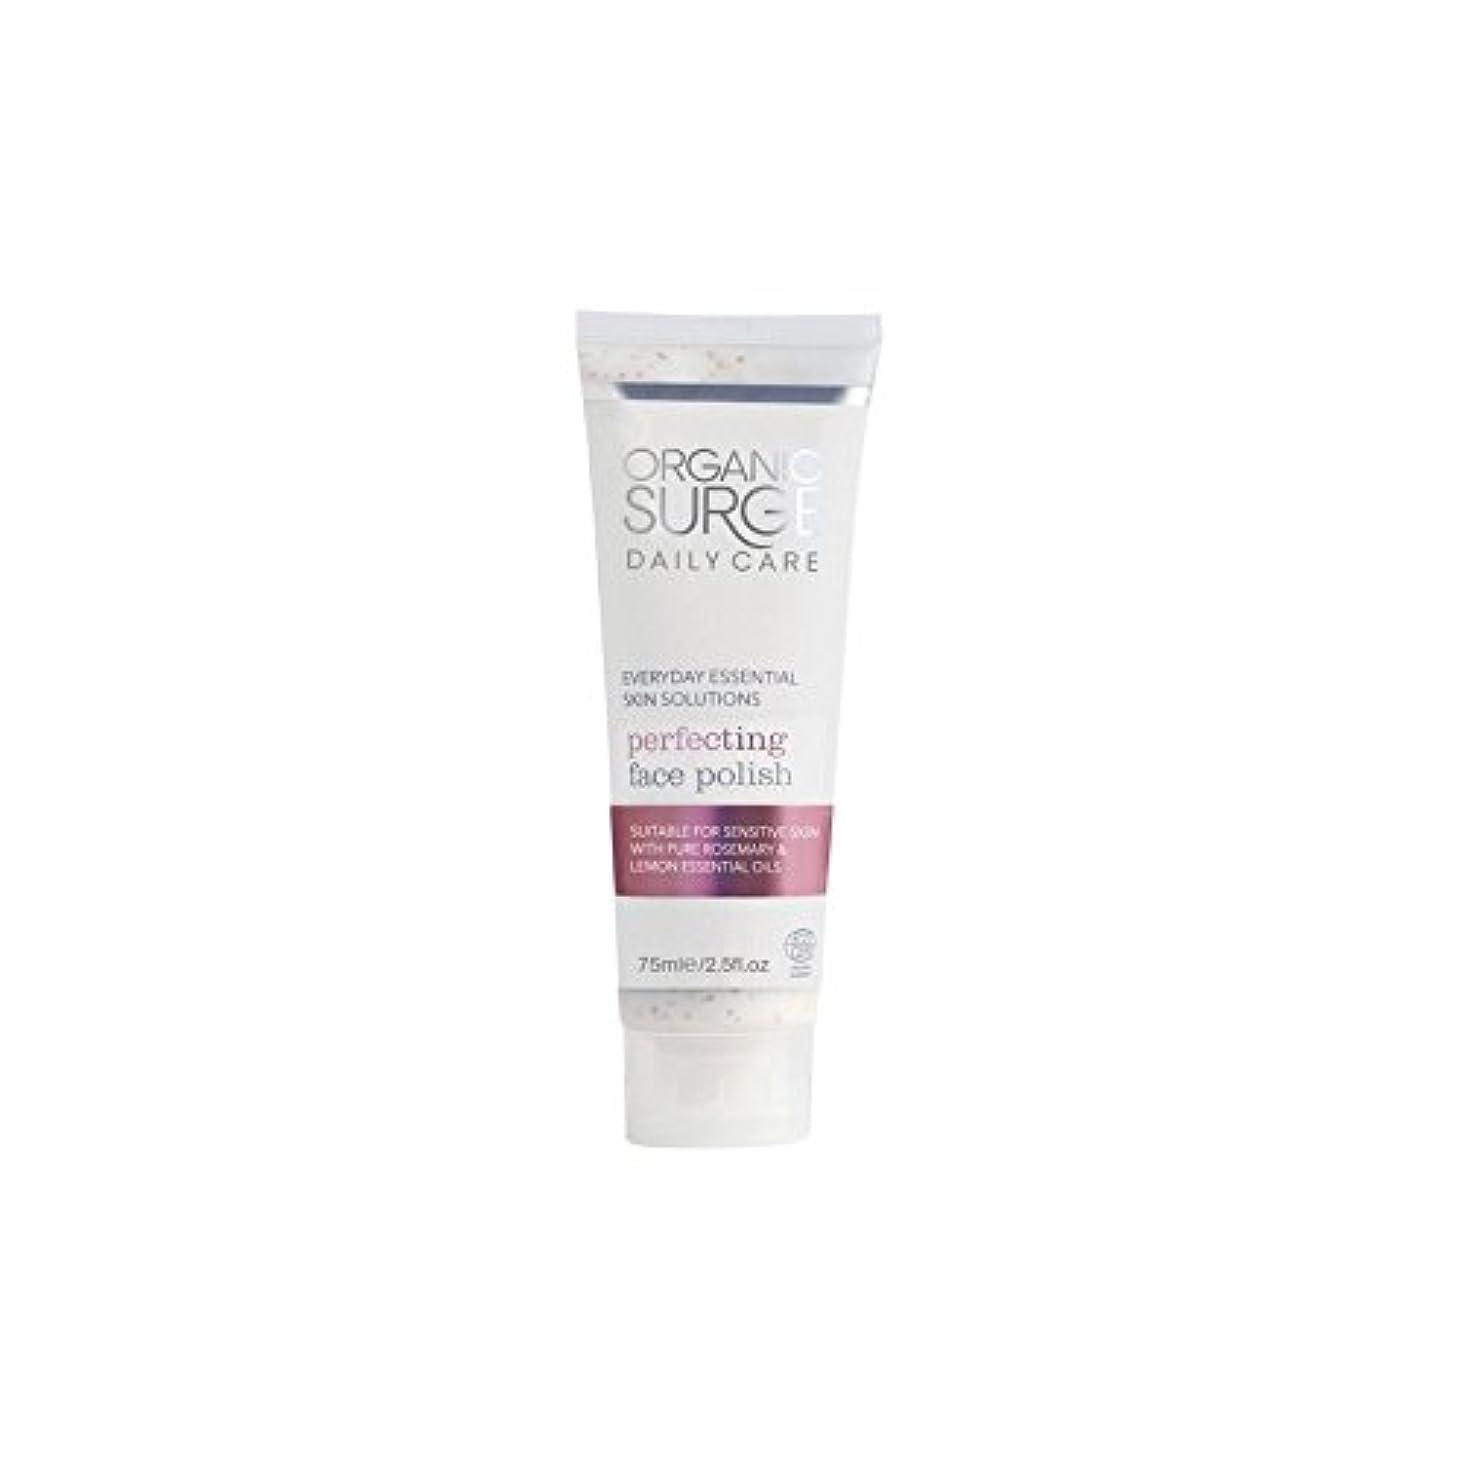 ジョットディボンドンシーサイド一杯面研磨を完成有機サージ毎日のケア(75ミリリットル) x2 - Organic Surge Daily Care Perfecting Face Polish (75ml) (Pack of 2) [並行輸入品]